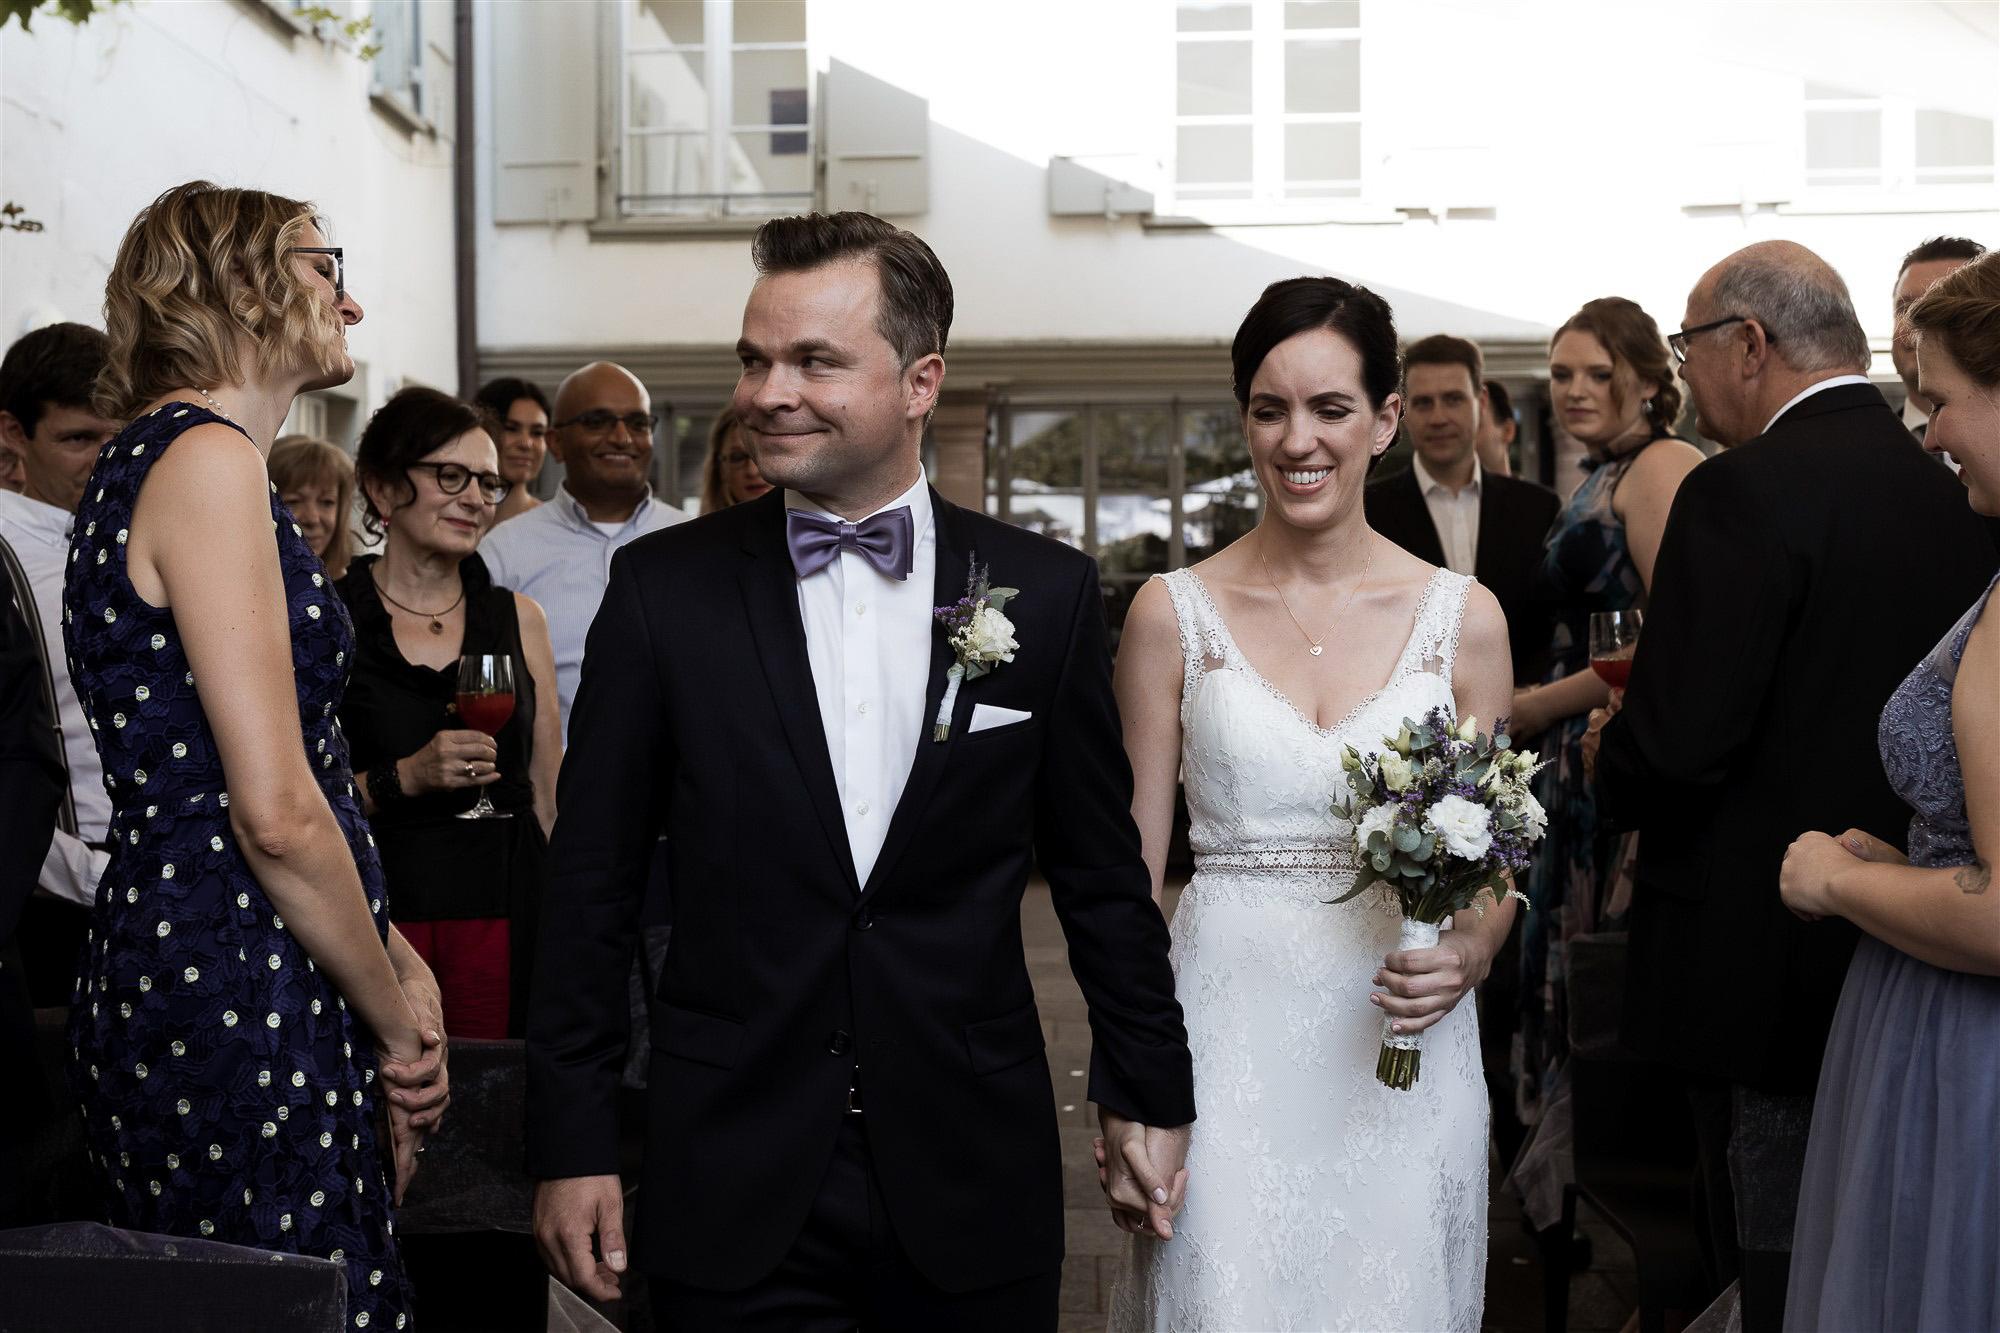 Hochzeit im Teufelhof - Der Einzug des Brautpaares - Hochzeitsfotograf Basel